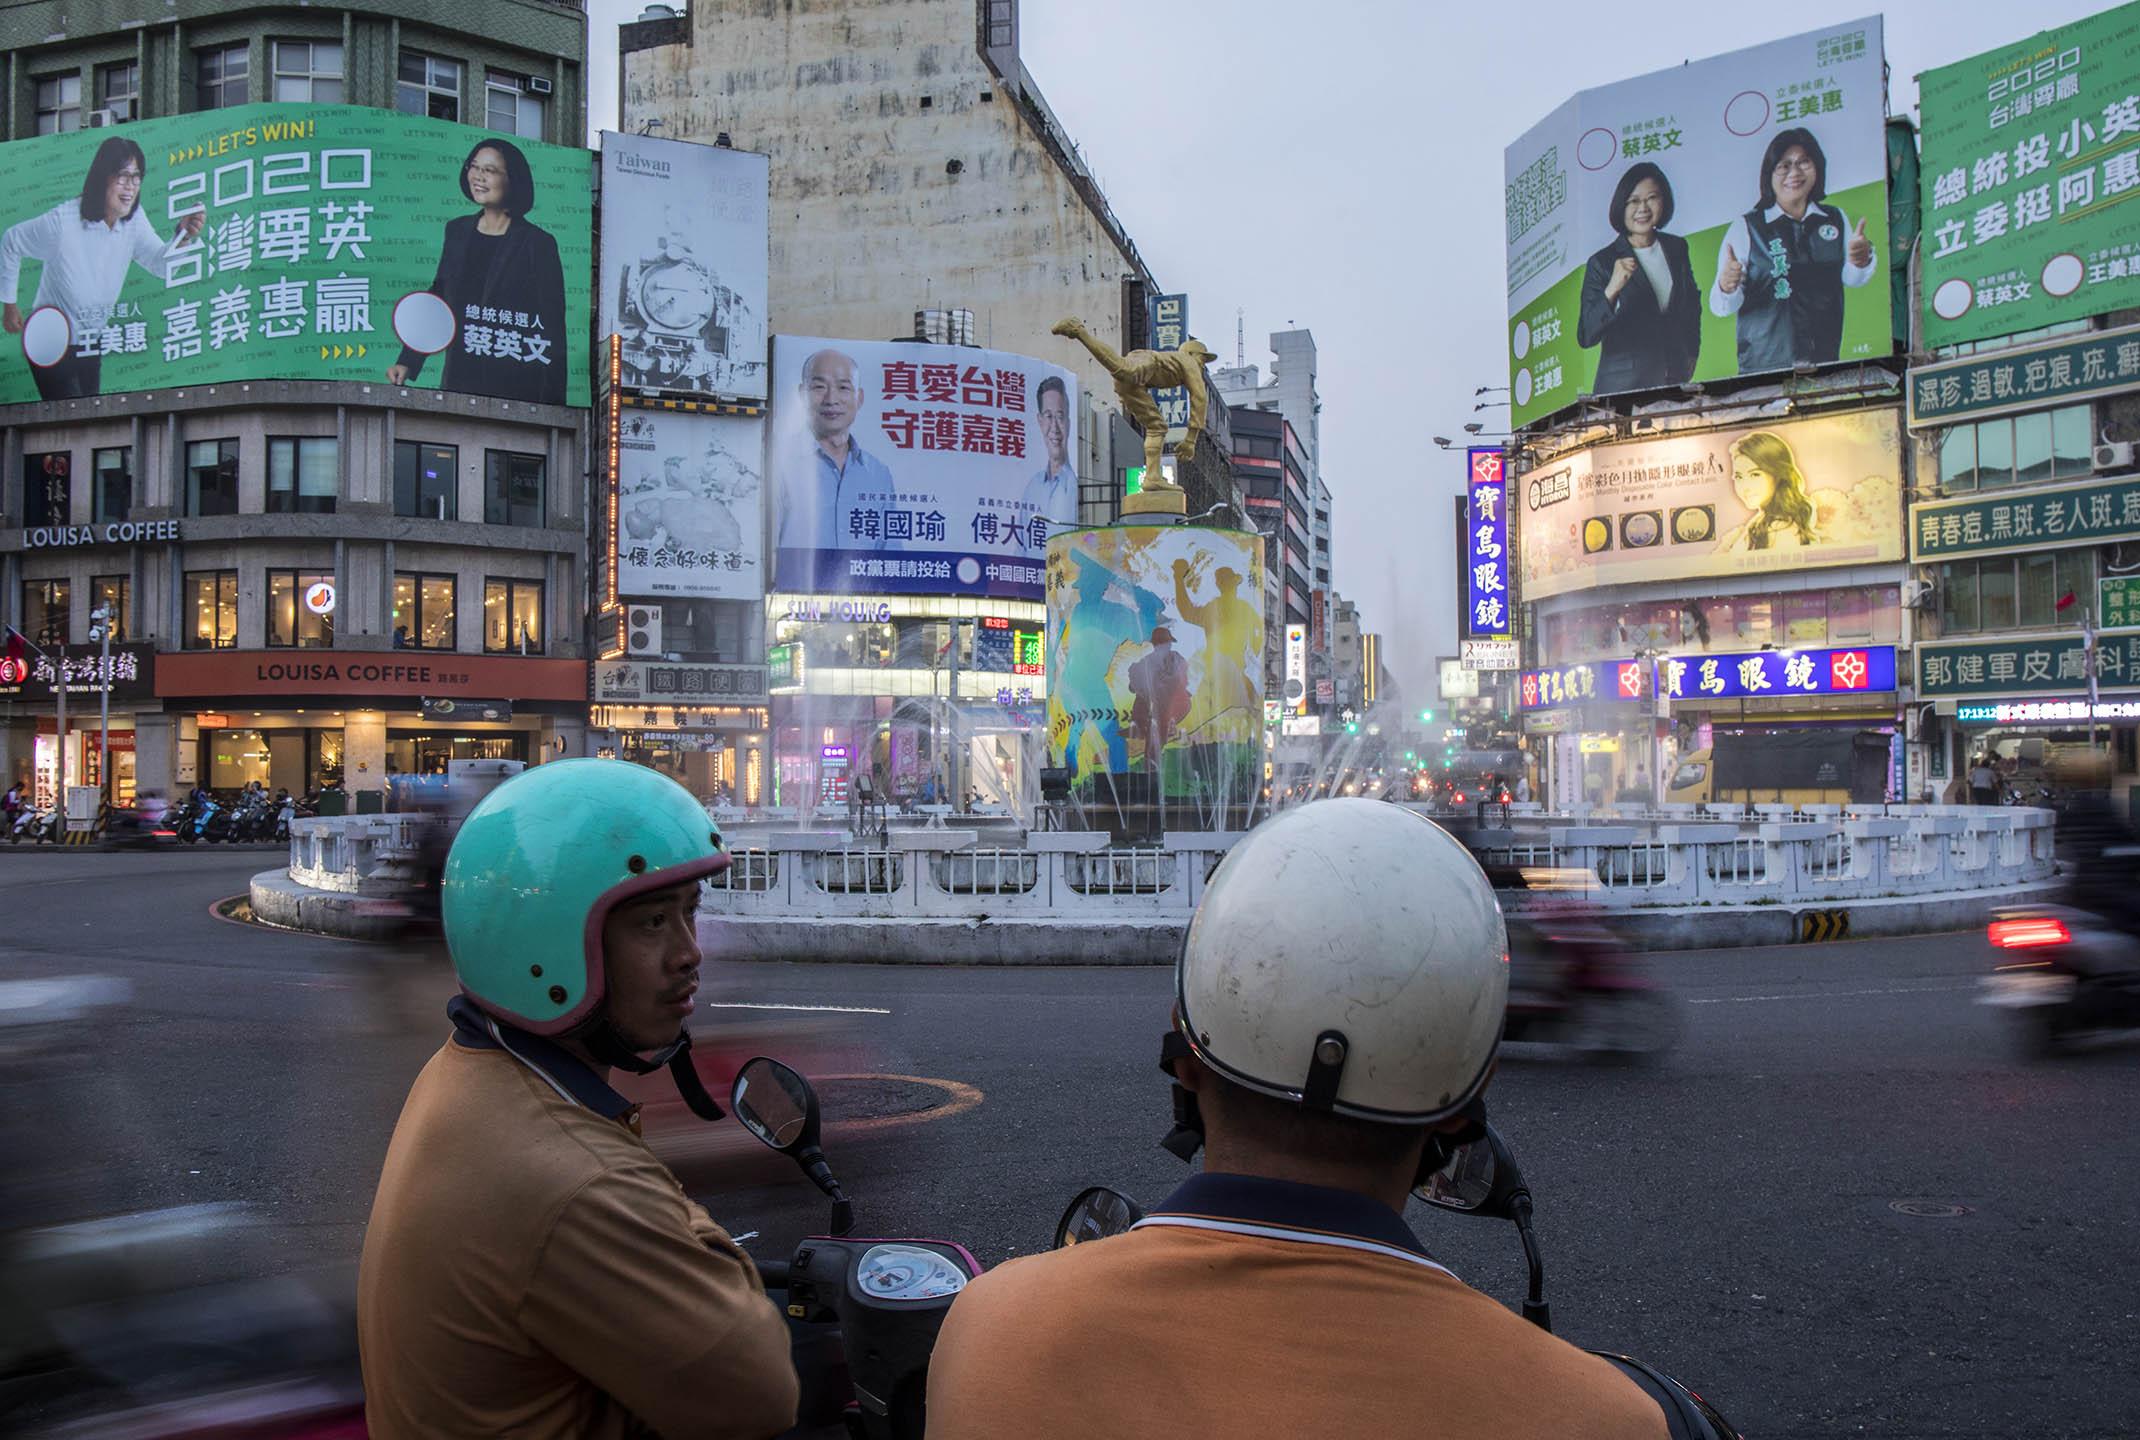 2019年11月1日,台灣嘉義巿中心掛上政黨的選舉廣告。 攝:陳焯煇/端傳媒